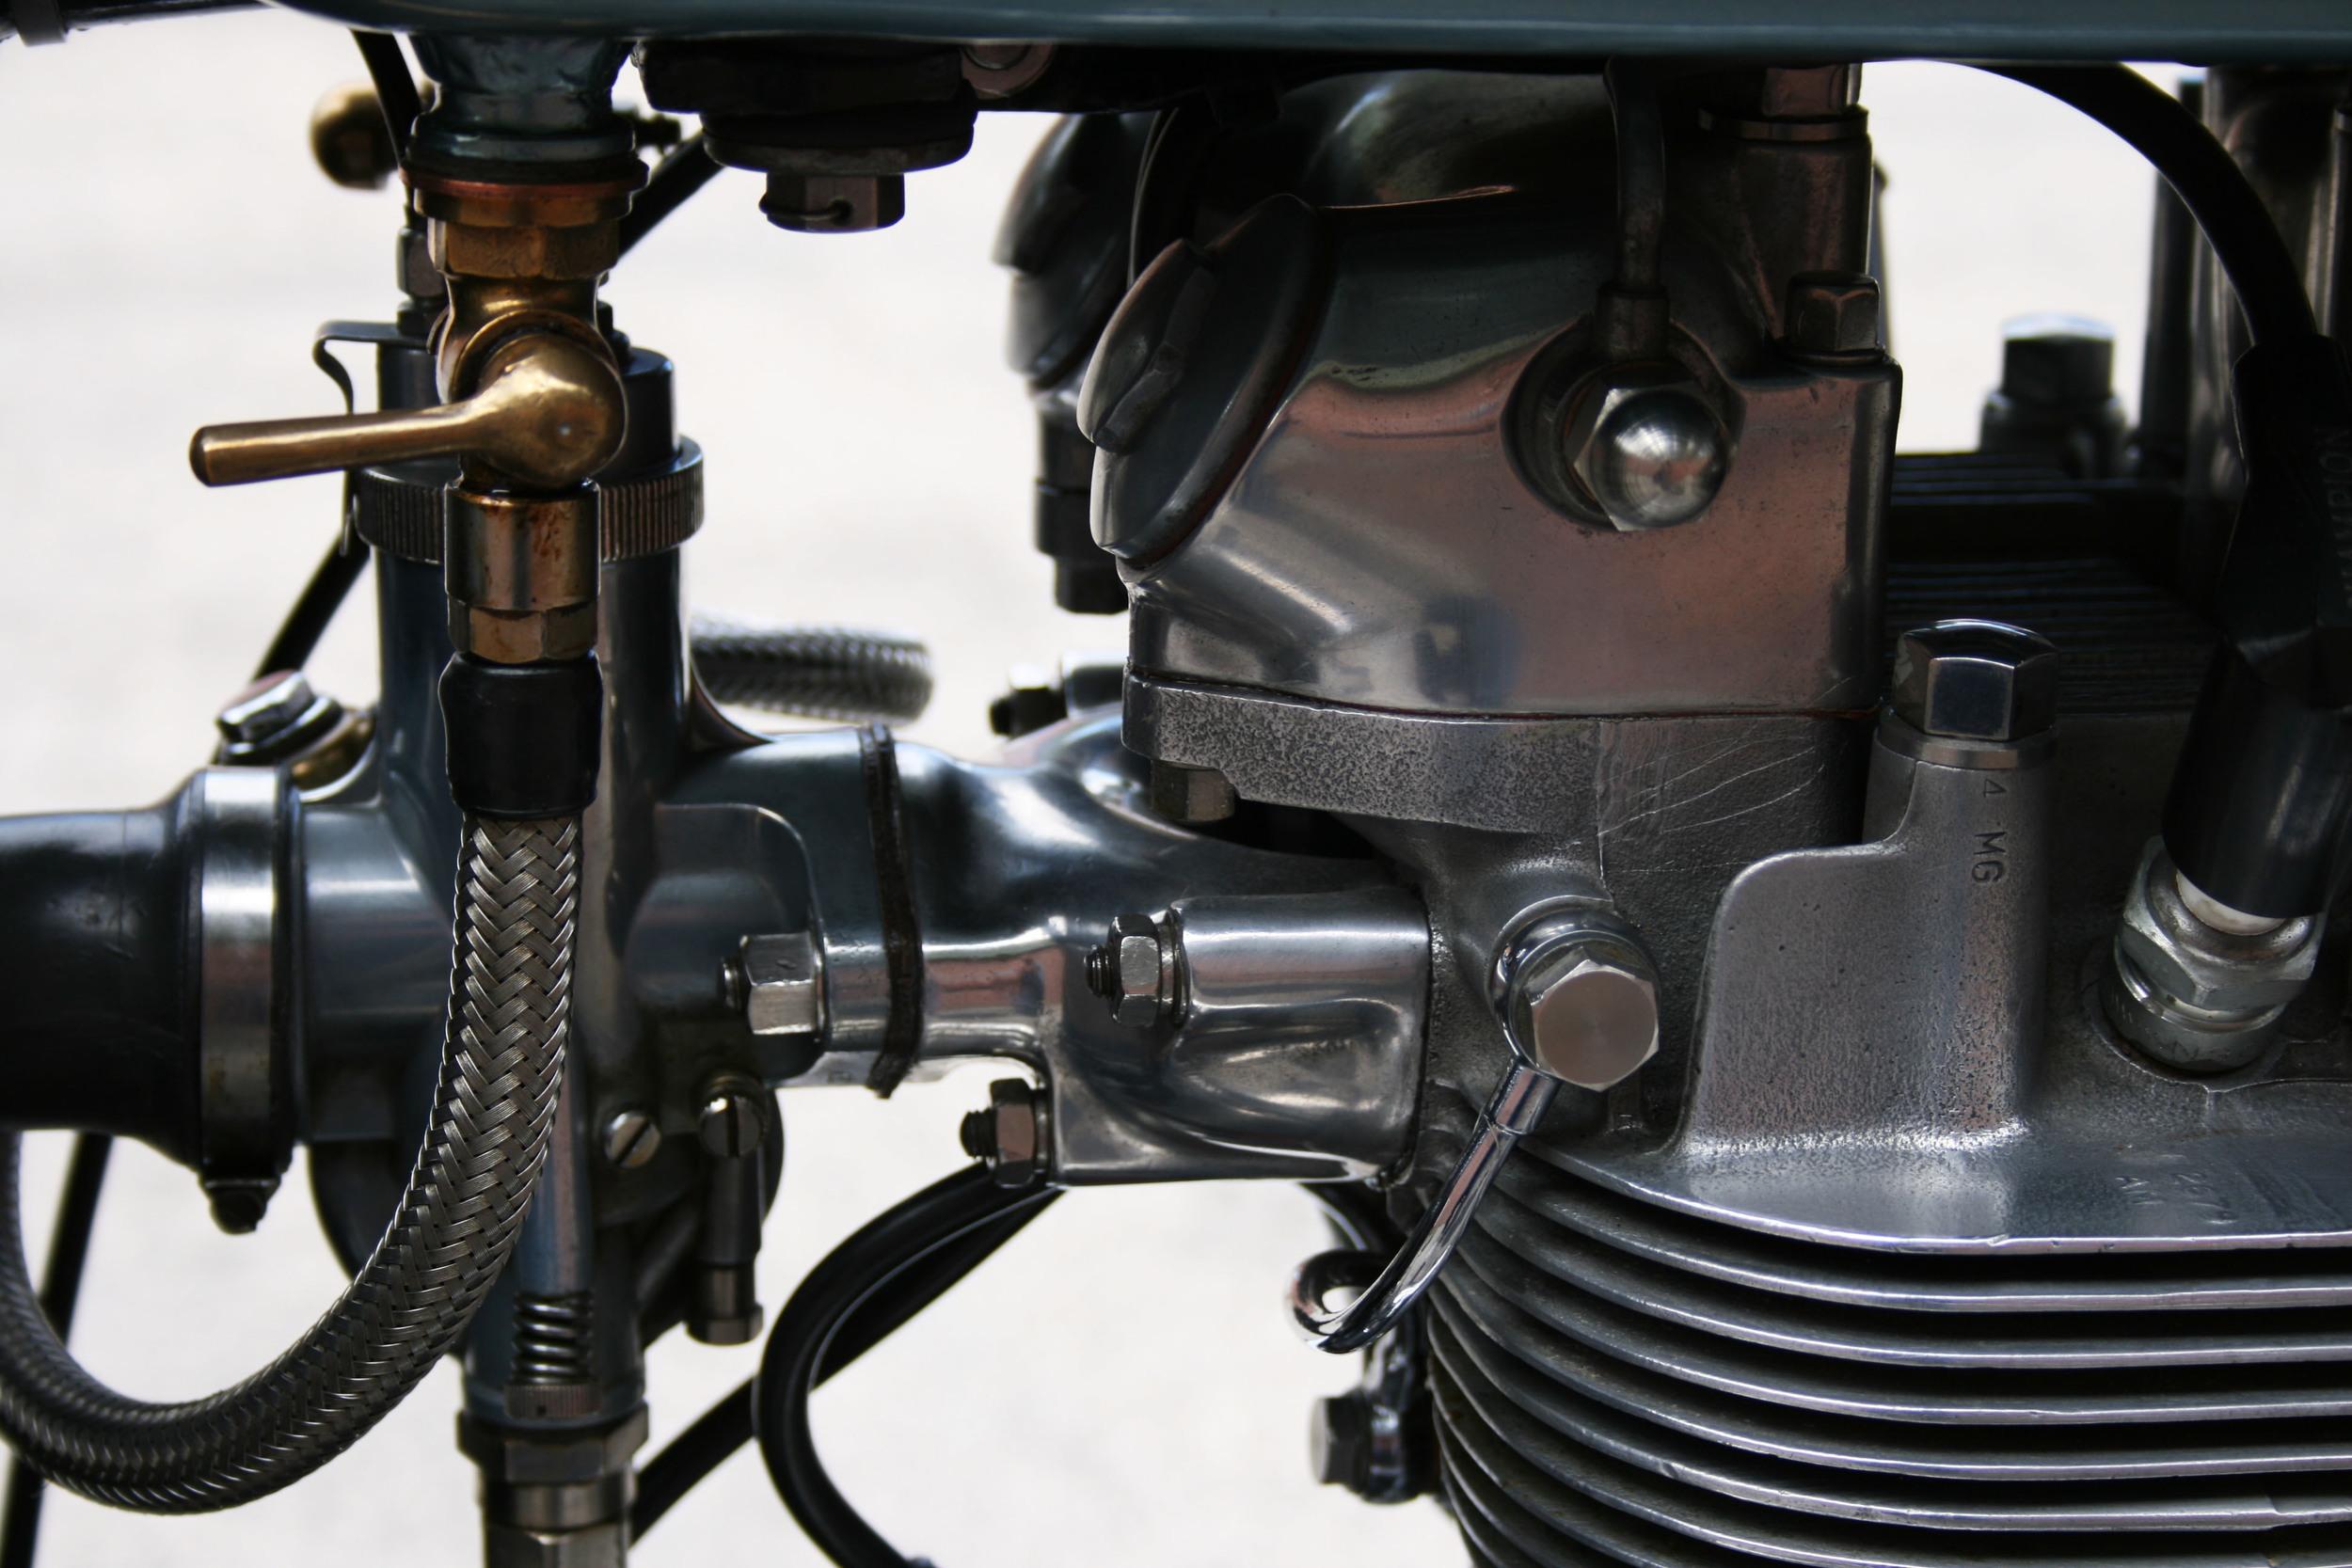 enginedetail.jpg